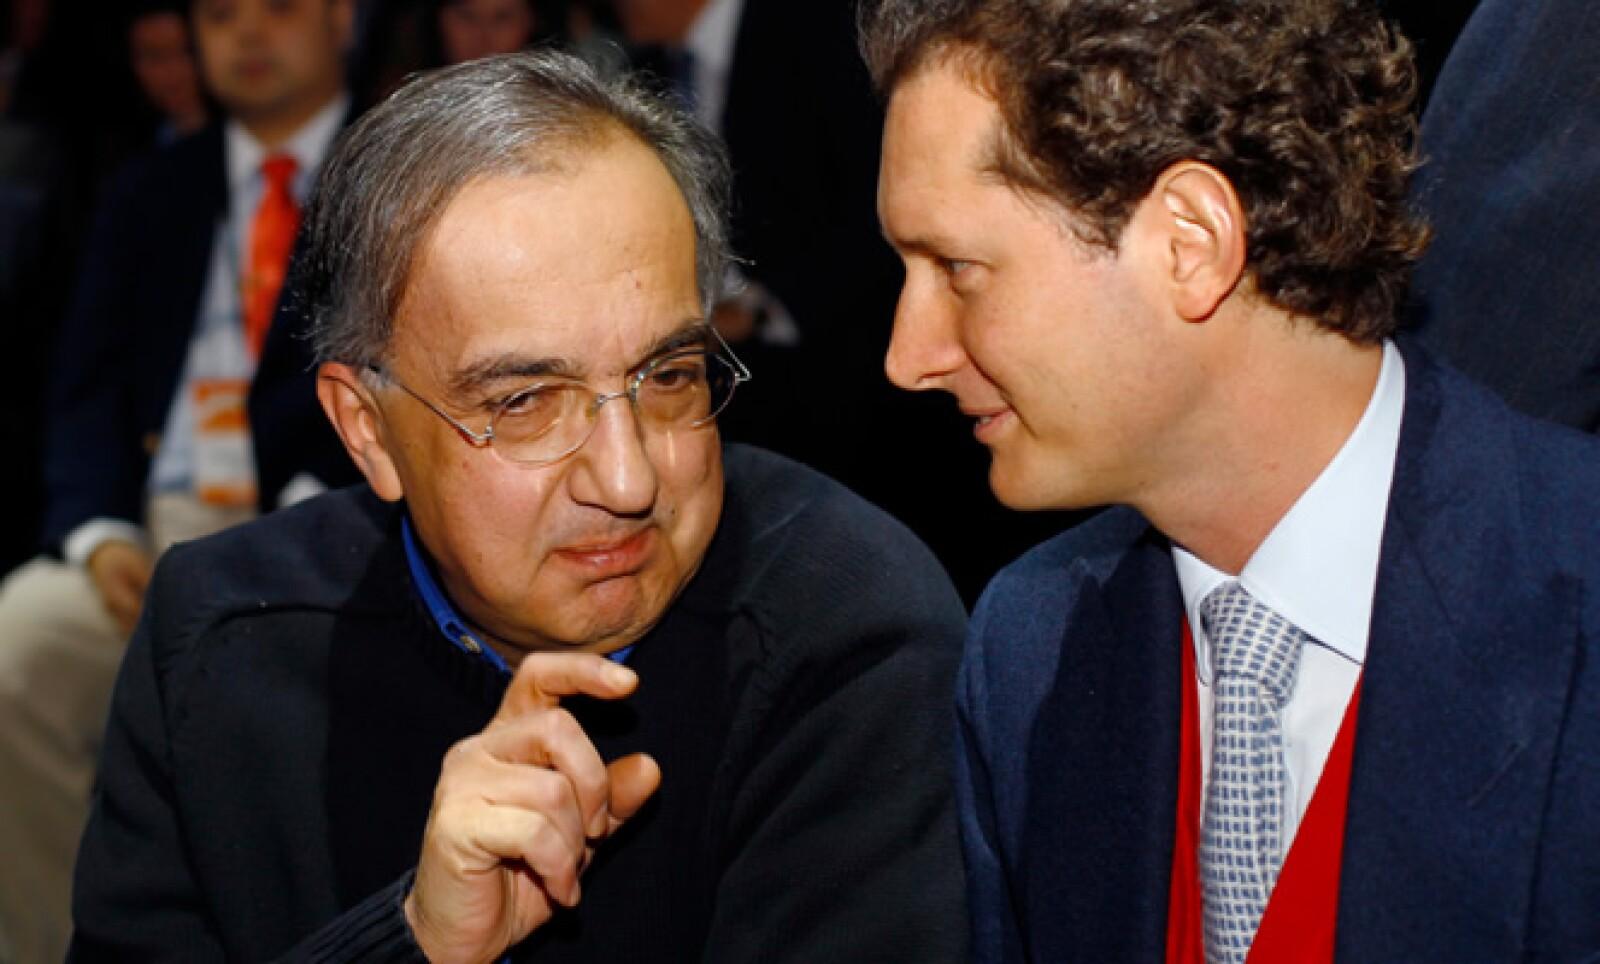 Sergio Marchionne (izquierda)  anunció que permanecerá como director ejecutivo de Fiat al menos por tres años más para supervisar la fusión de esa empresa con Fiat, la cual es dirigida por  John Elkann.